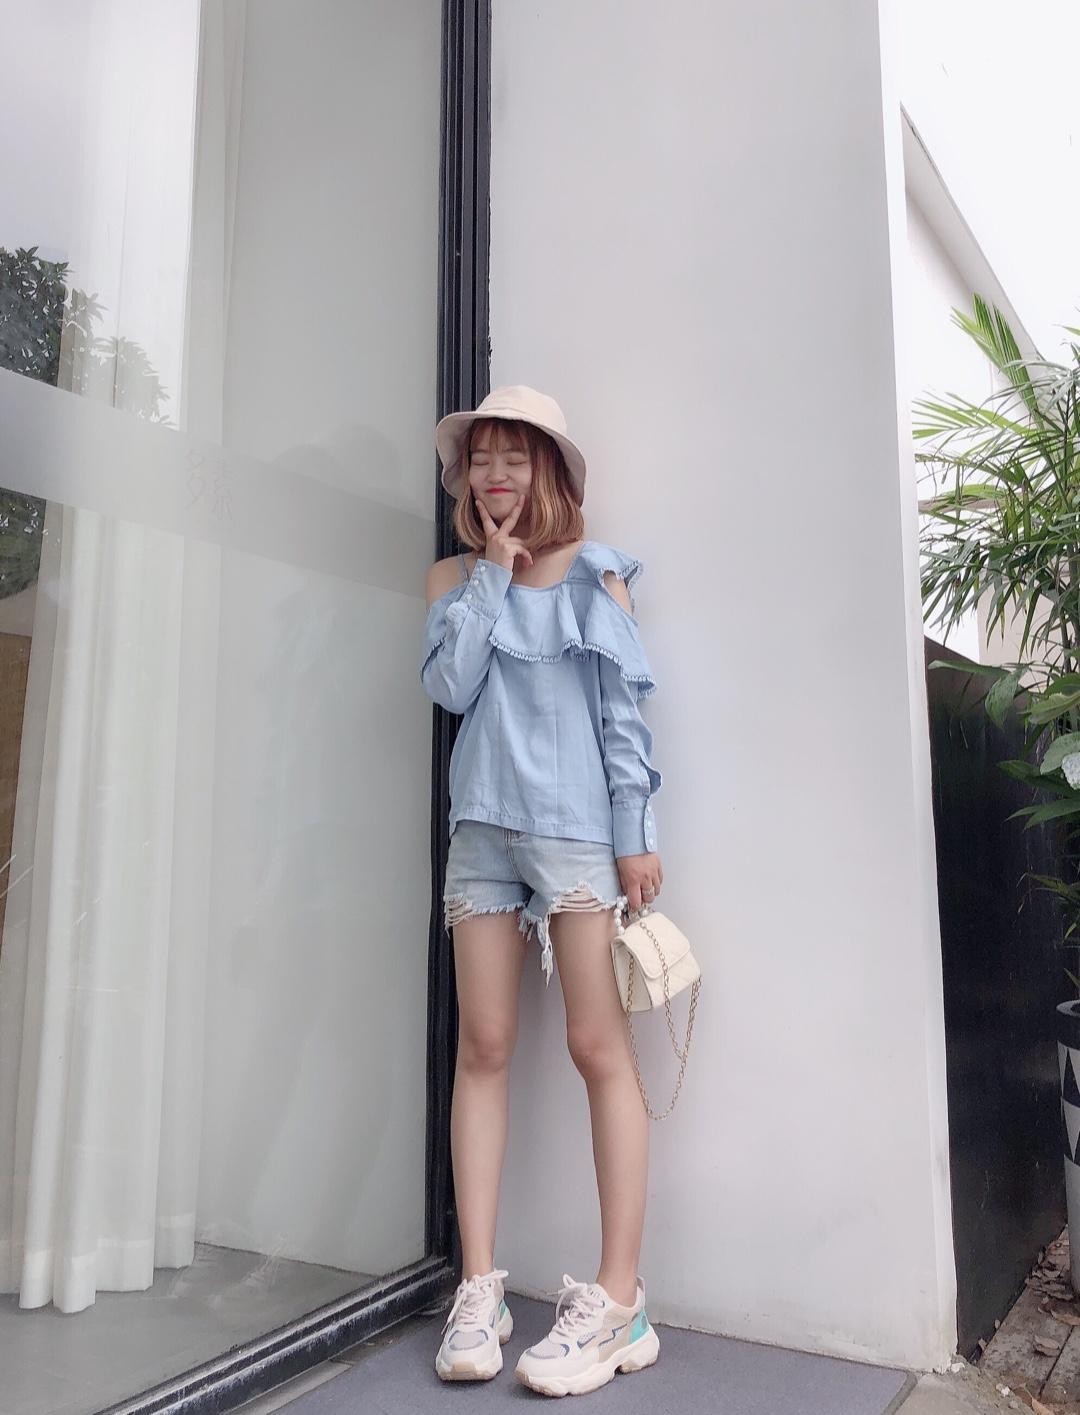 #今夏初恋蓝,白出1个度#  很韩系的一套 搭配短裤敲显腿长嘻嘻~ 蓝色上衣真的是初恋色 很小清新的感觉哦~ 满满的是夏天的感觉 少女心爆棚~